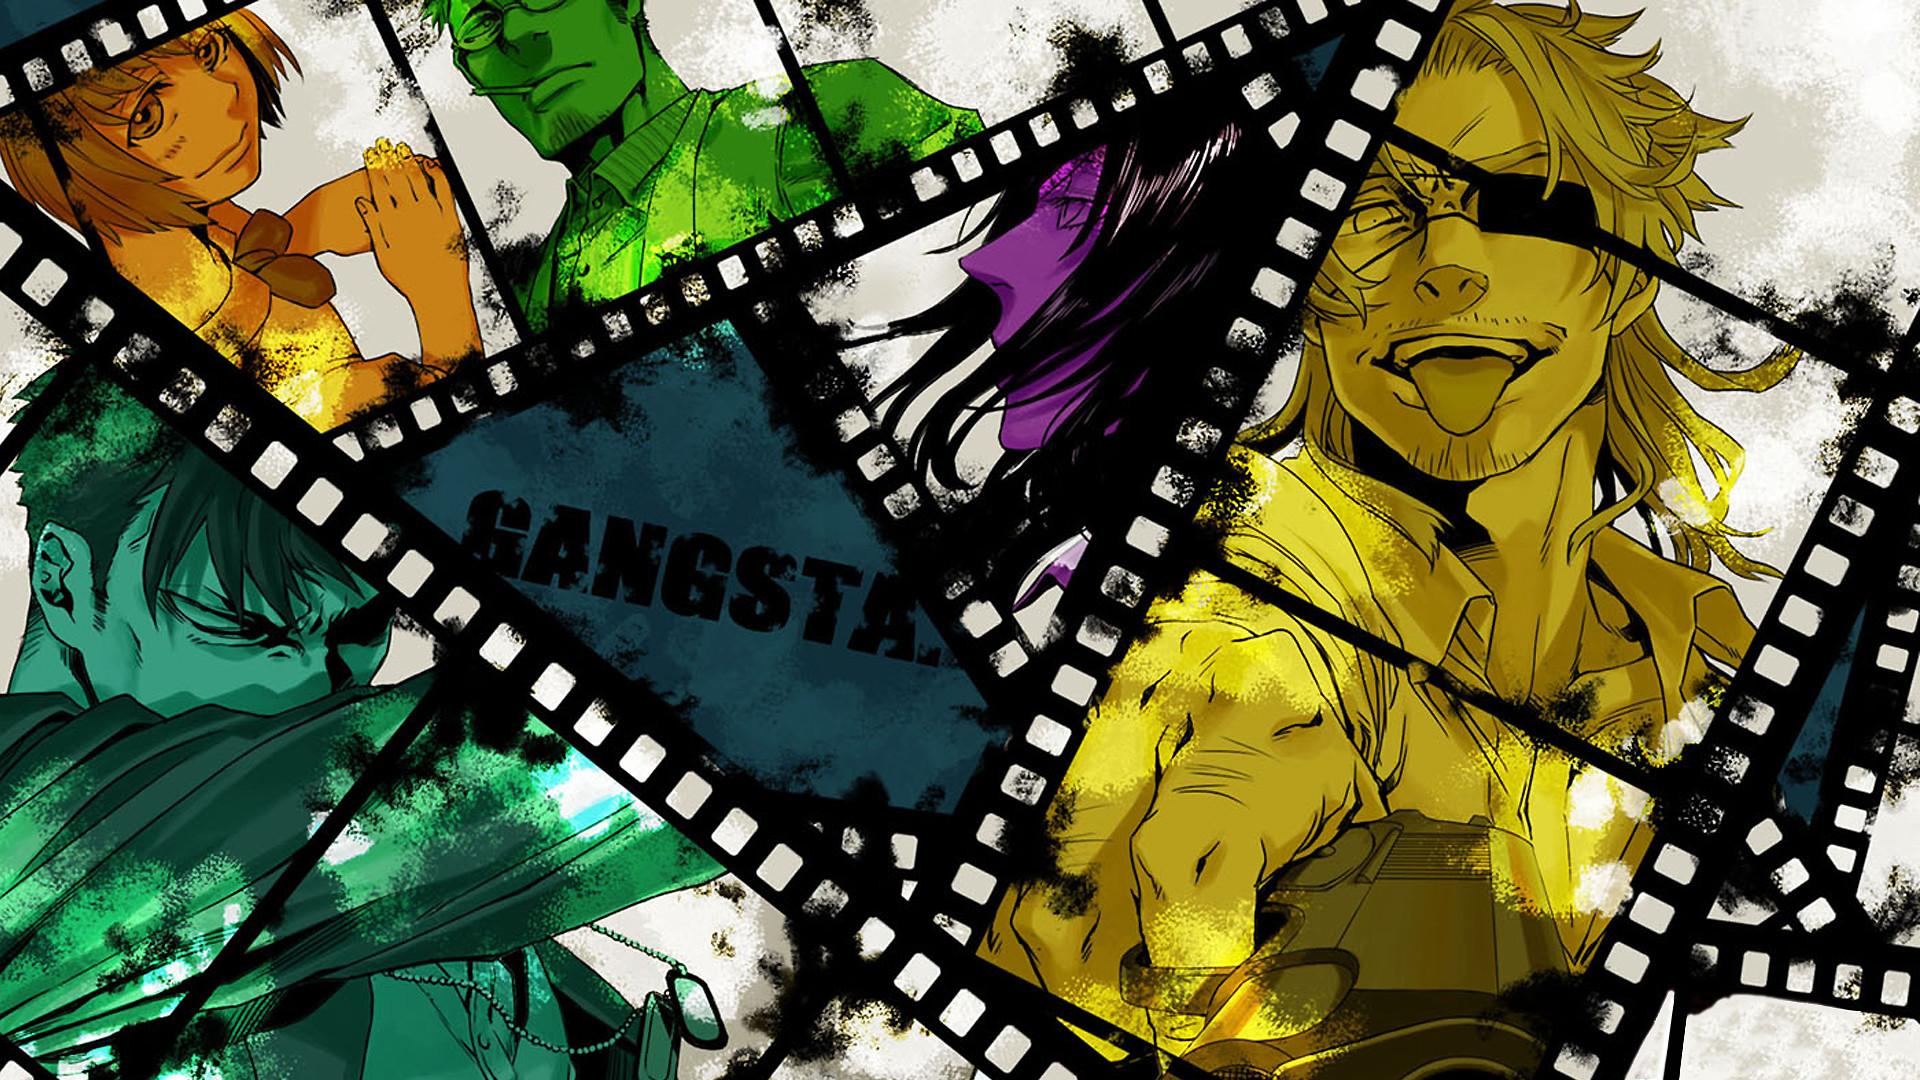 Anime Gangsta. Wallpaper